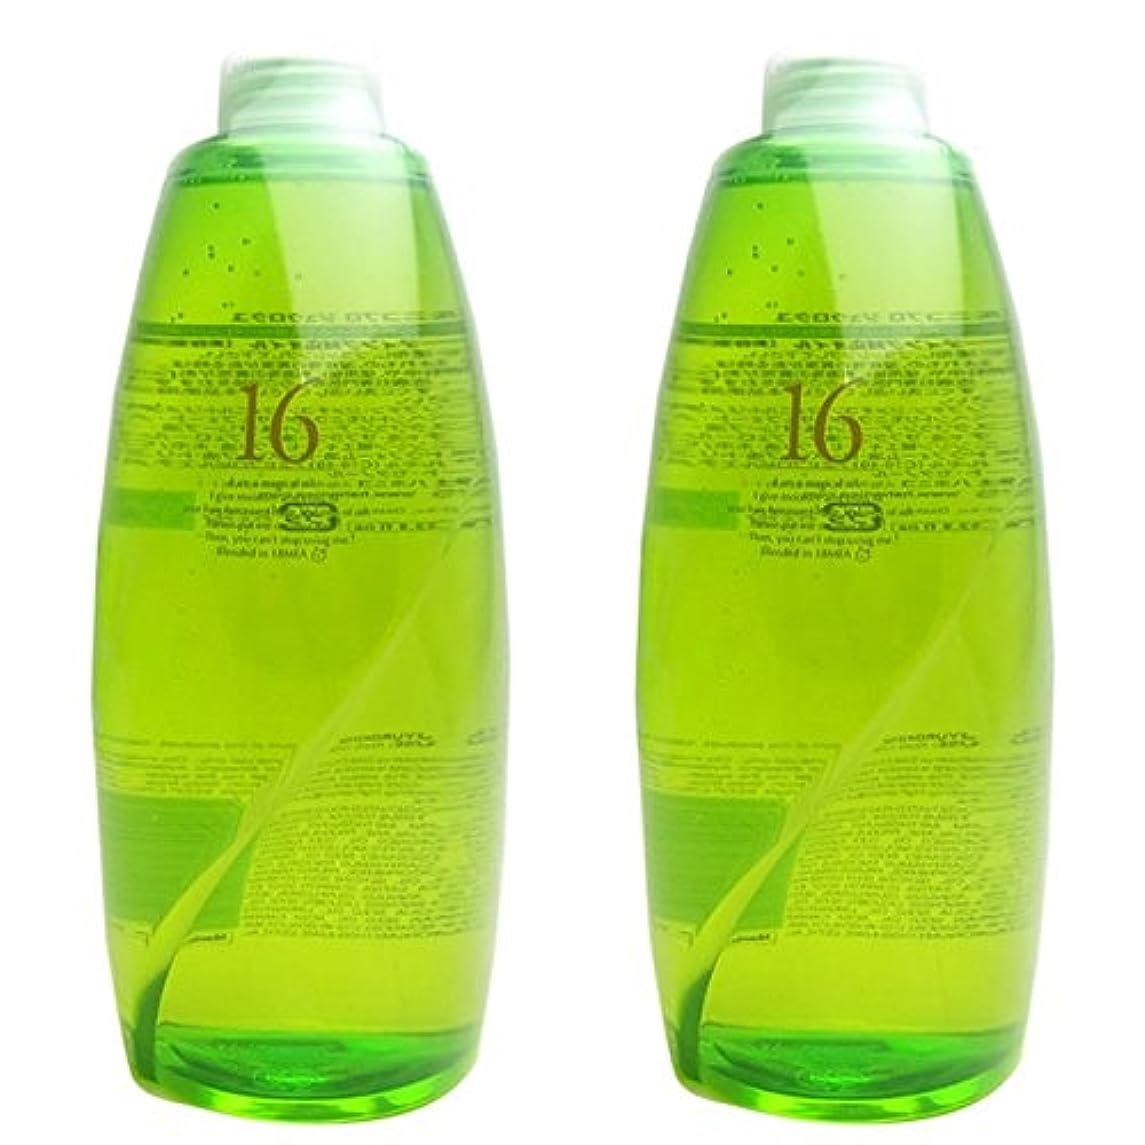 食べる性交インディカ【X2個セット】 ハホニコ 十六油 (洗い流さないトリートメント) 1000ml 詰替え用 hahonico